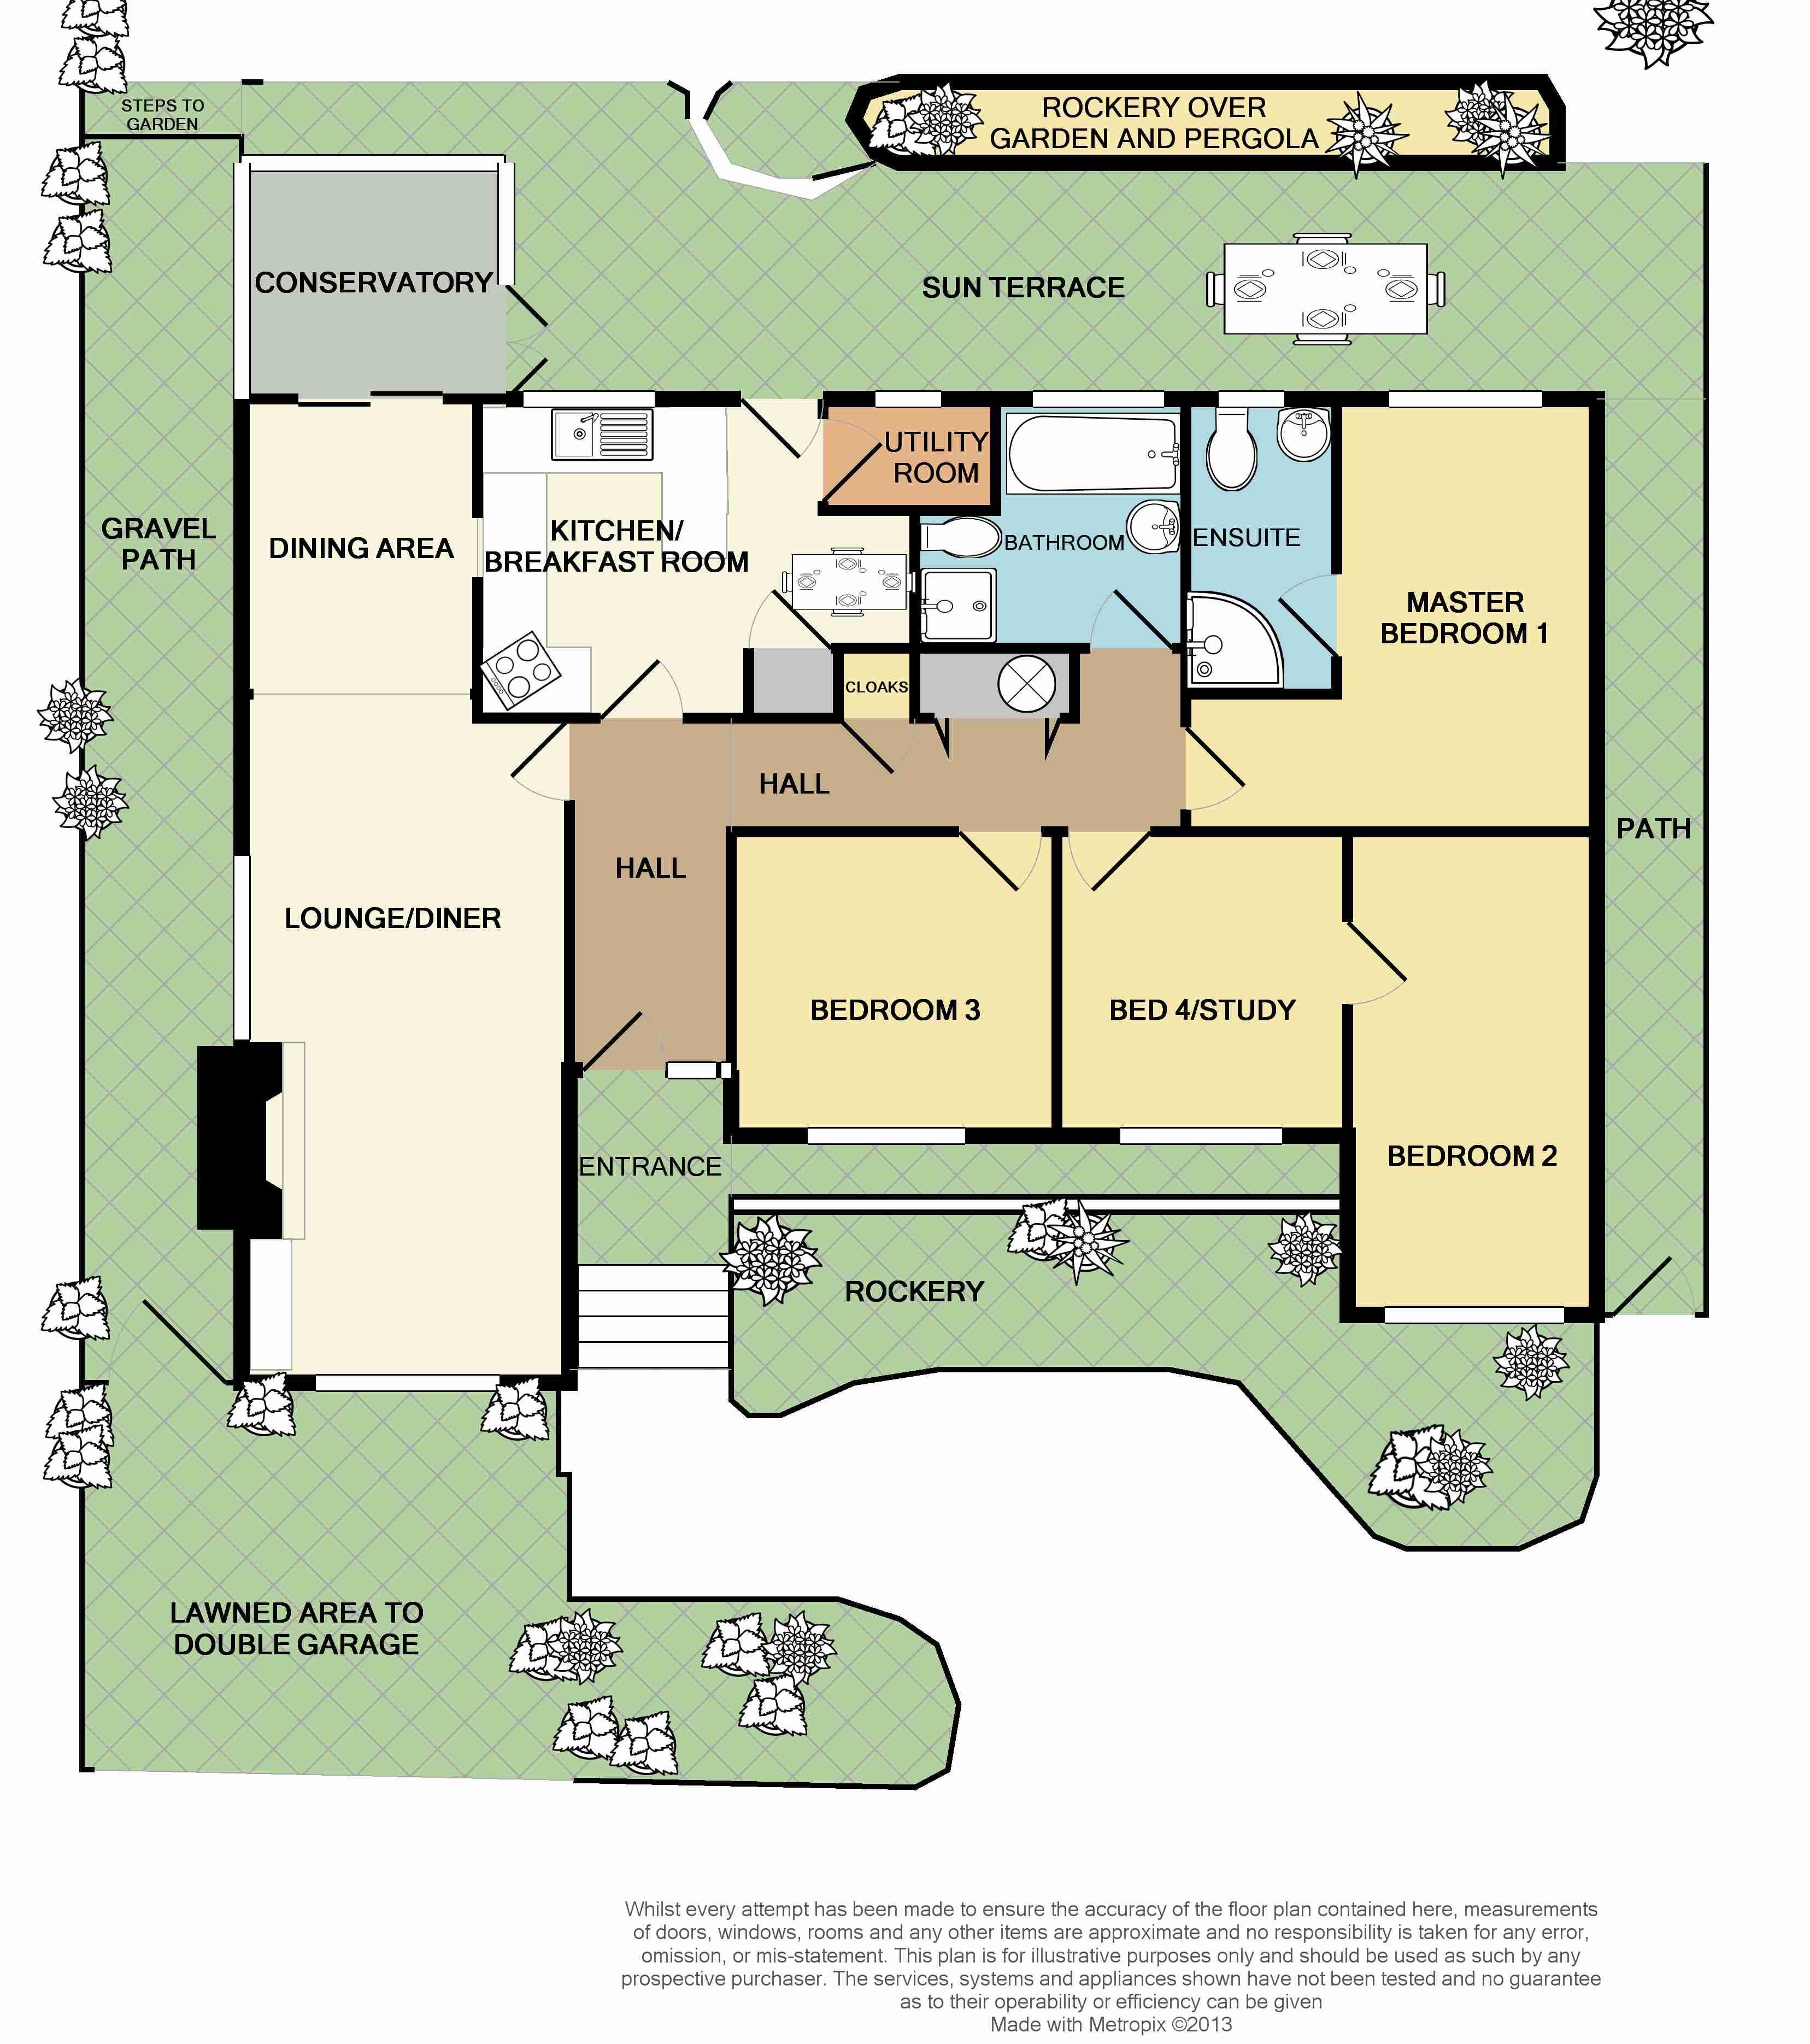 Free Floor Plan Software Kitchen Design Friv Games With Minimalist Extraordinary Kitchen Design Online Software Inspiration Design